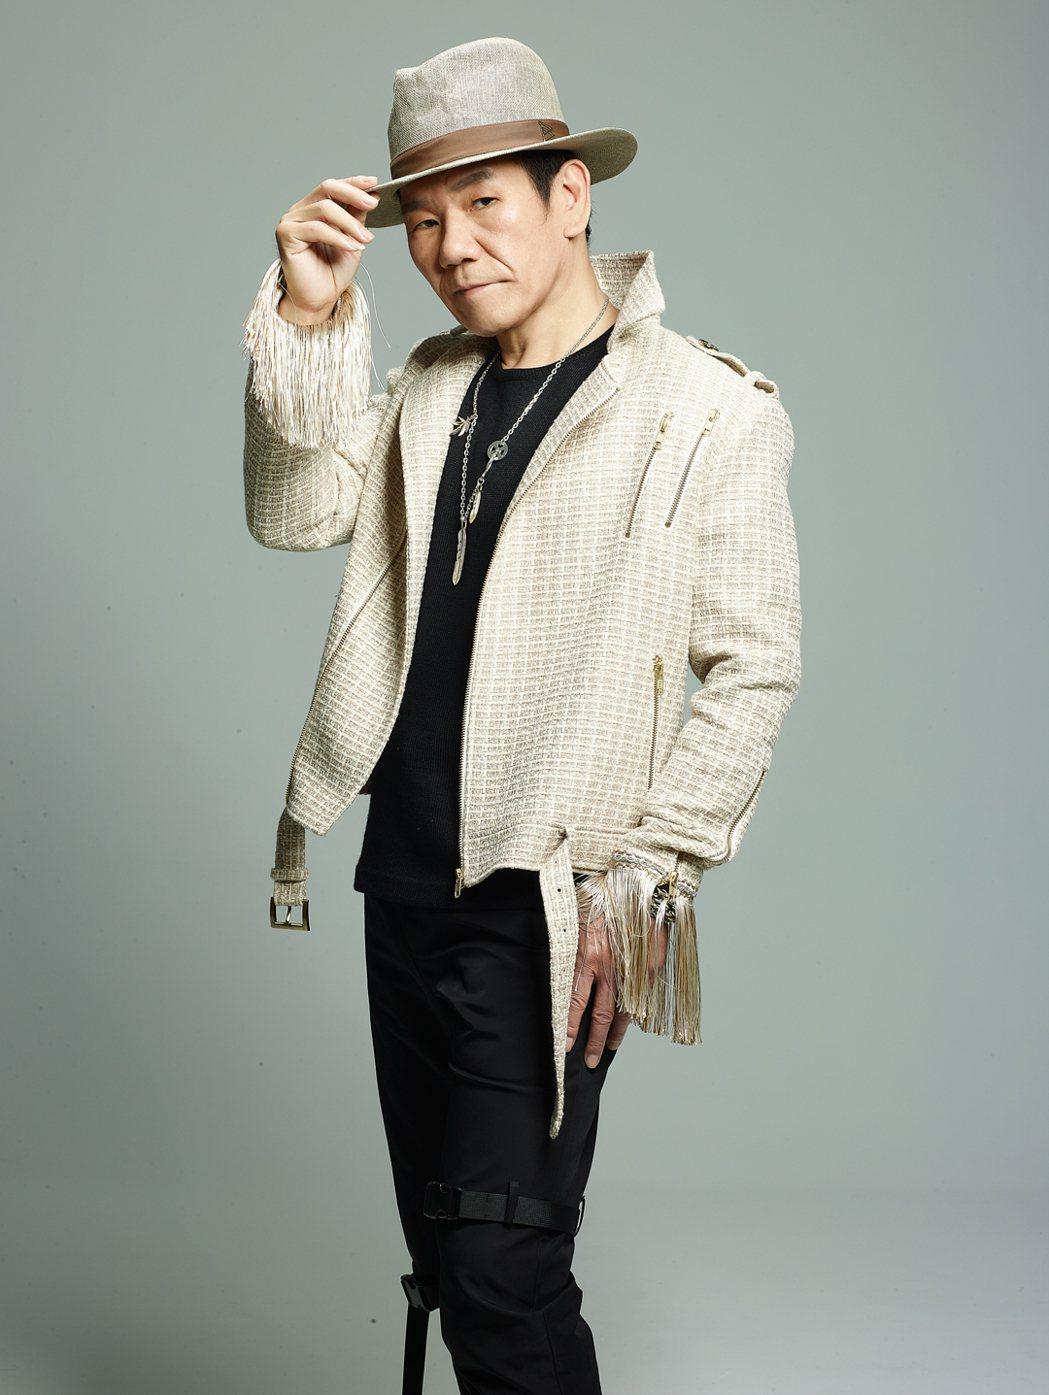 趙傳宣布於7月31日舉辦「人生大夢」演唱會。圖/開麗娛樂提供